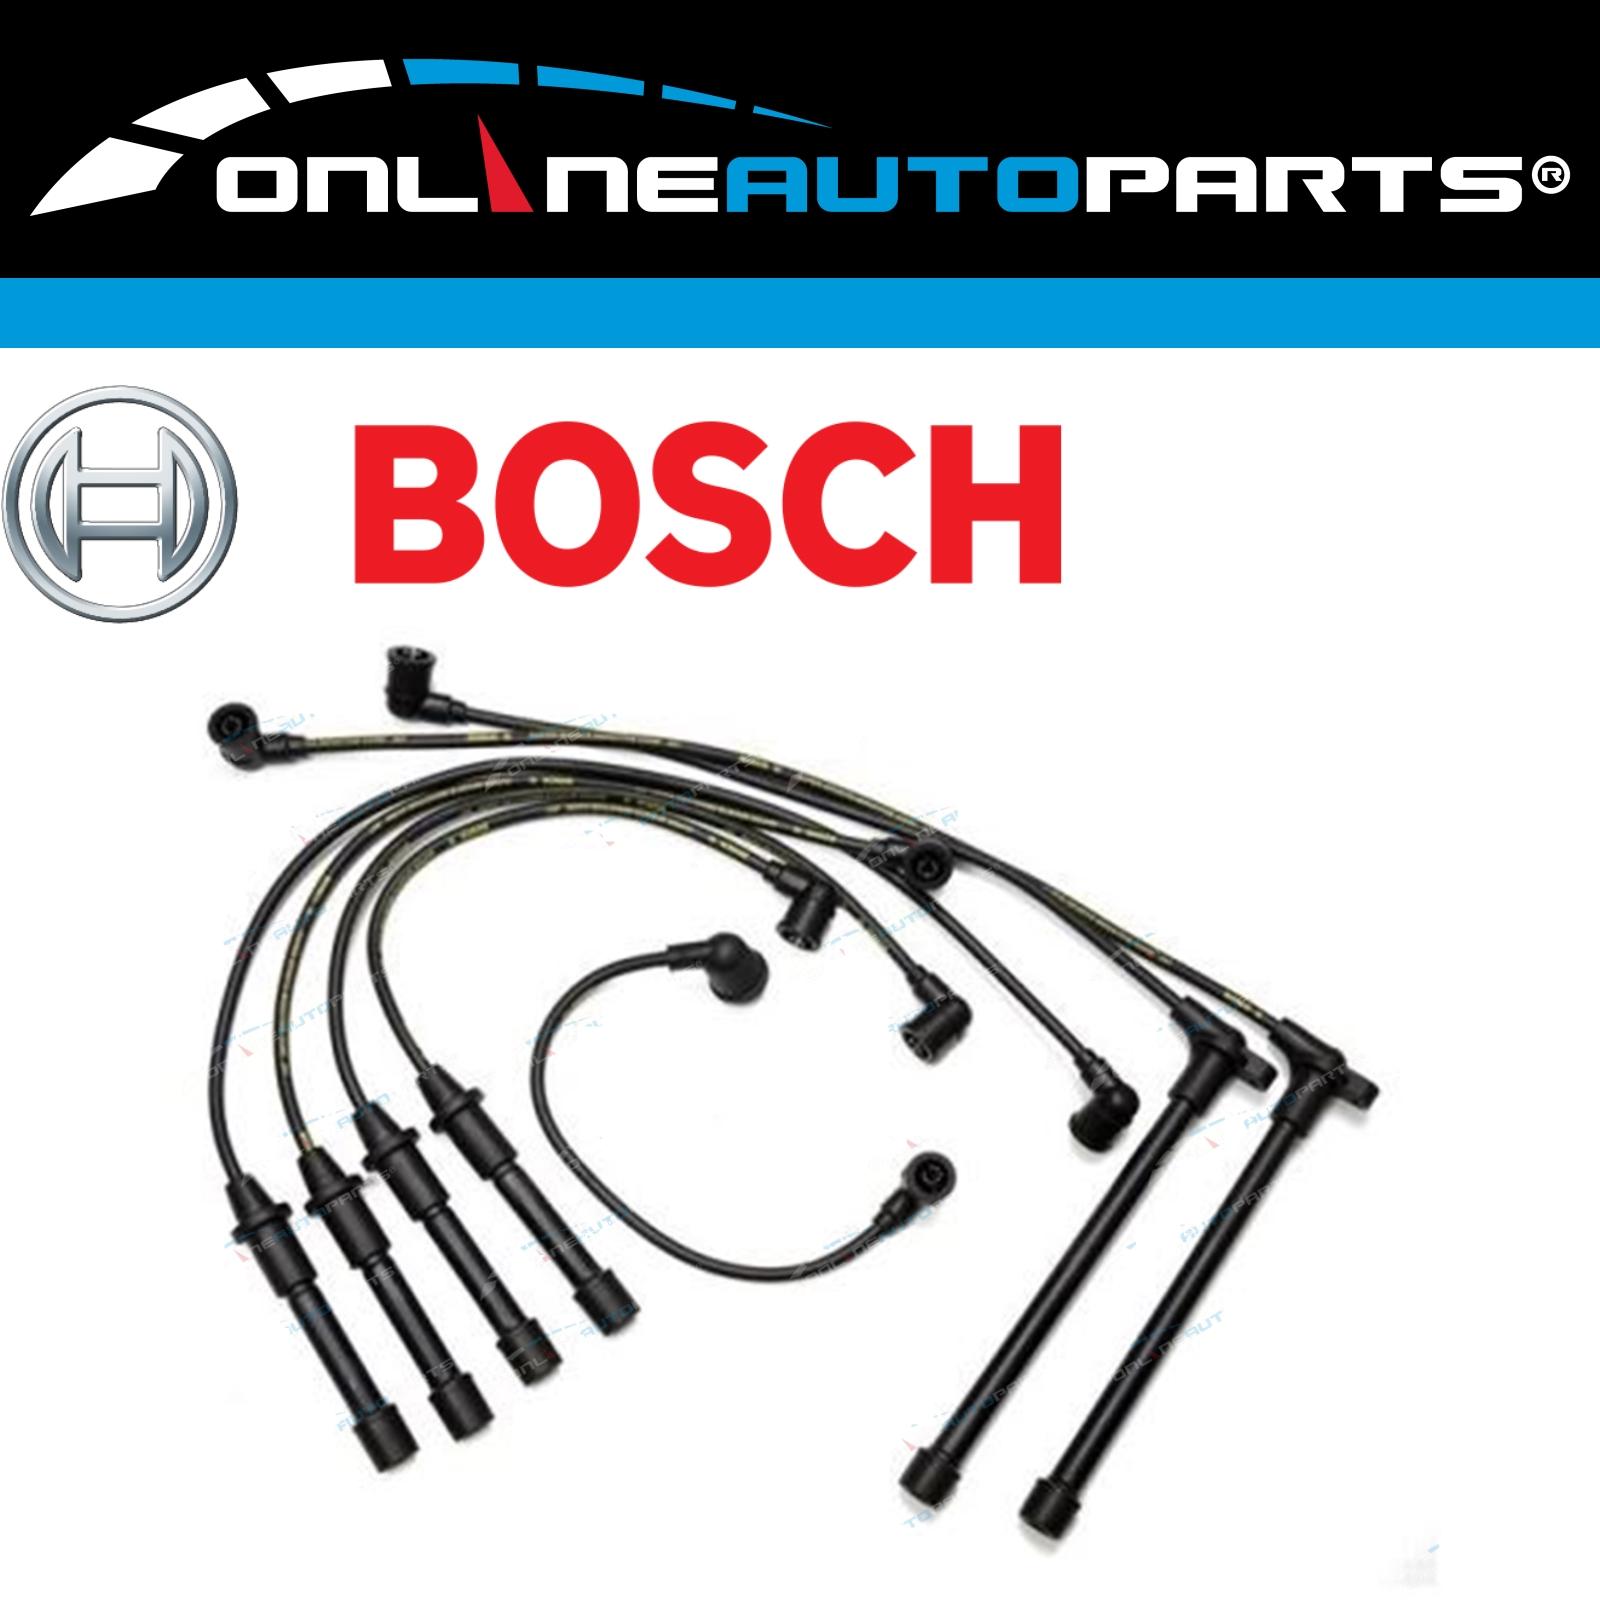 Bosch-Ignition-Spark-Plug-Lead-Set-suits-Pathfinder-WD21-3-0L-VG30E-V6-1992-1995